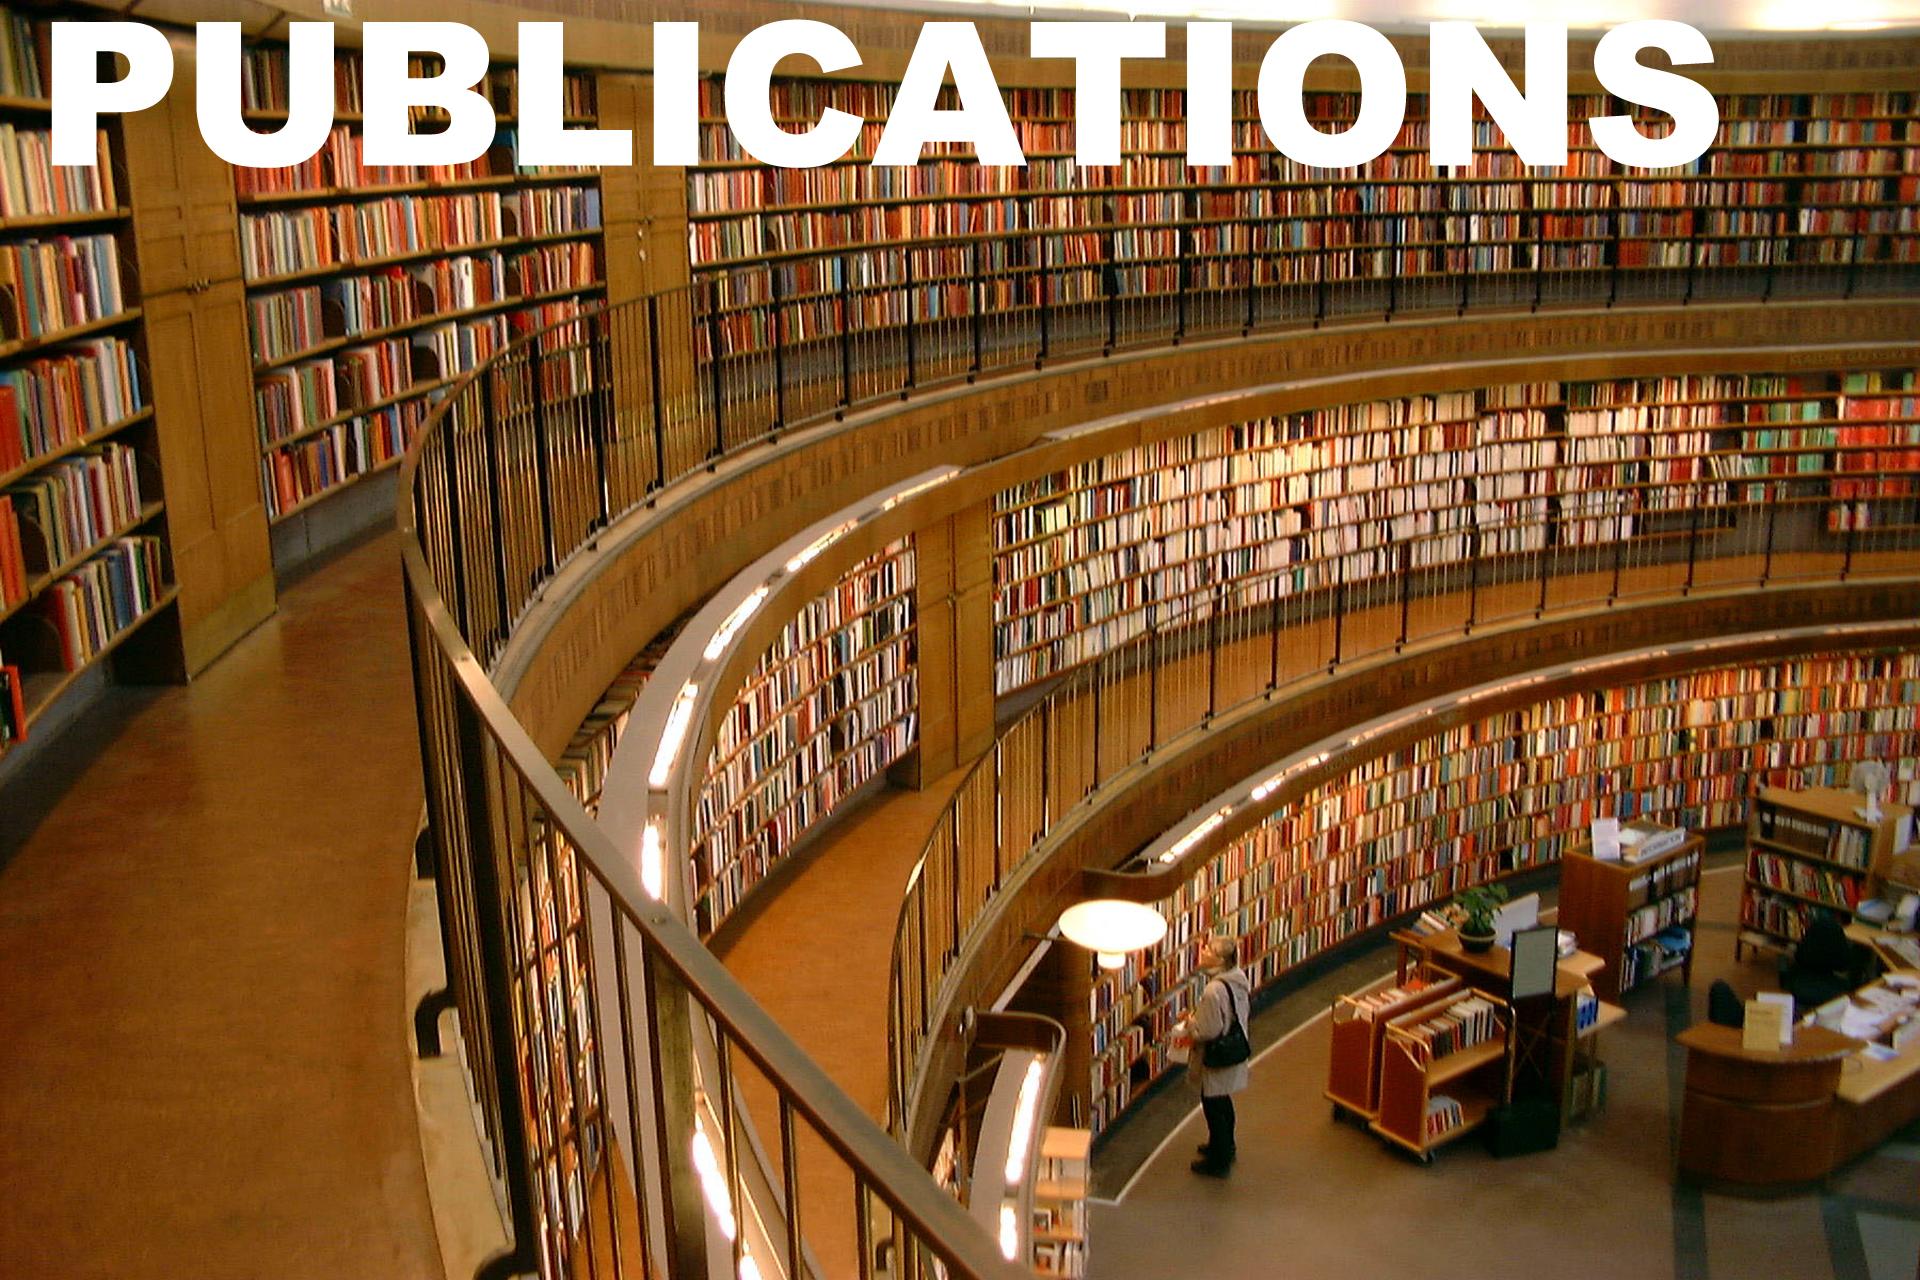 library_stacks.jpg